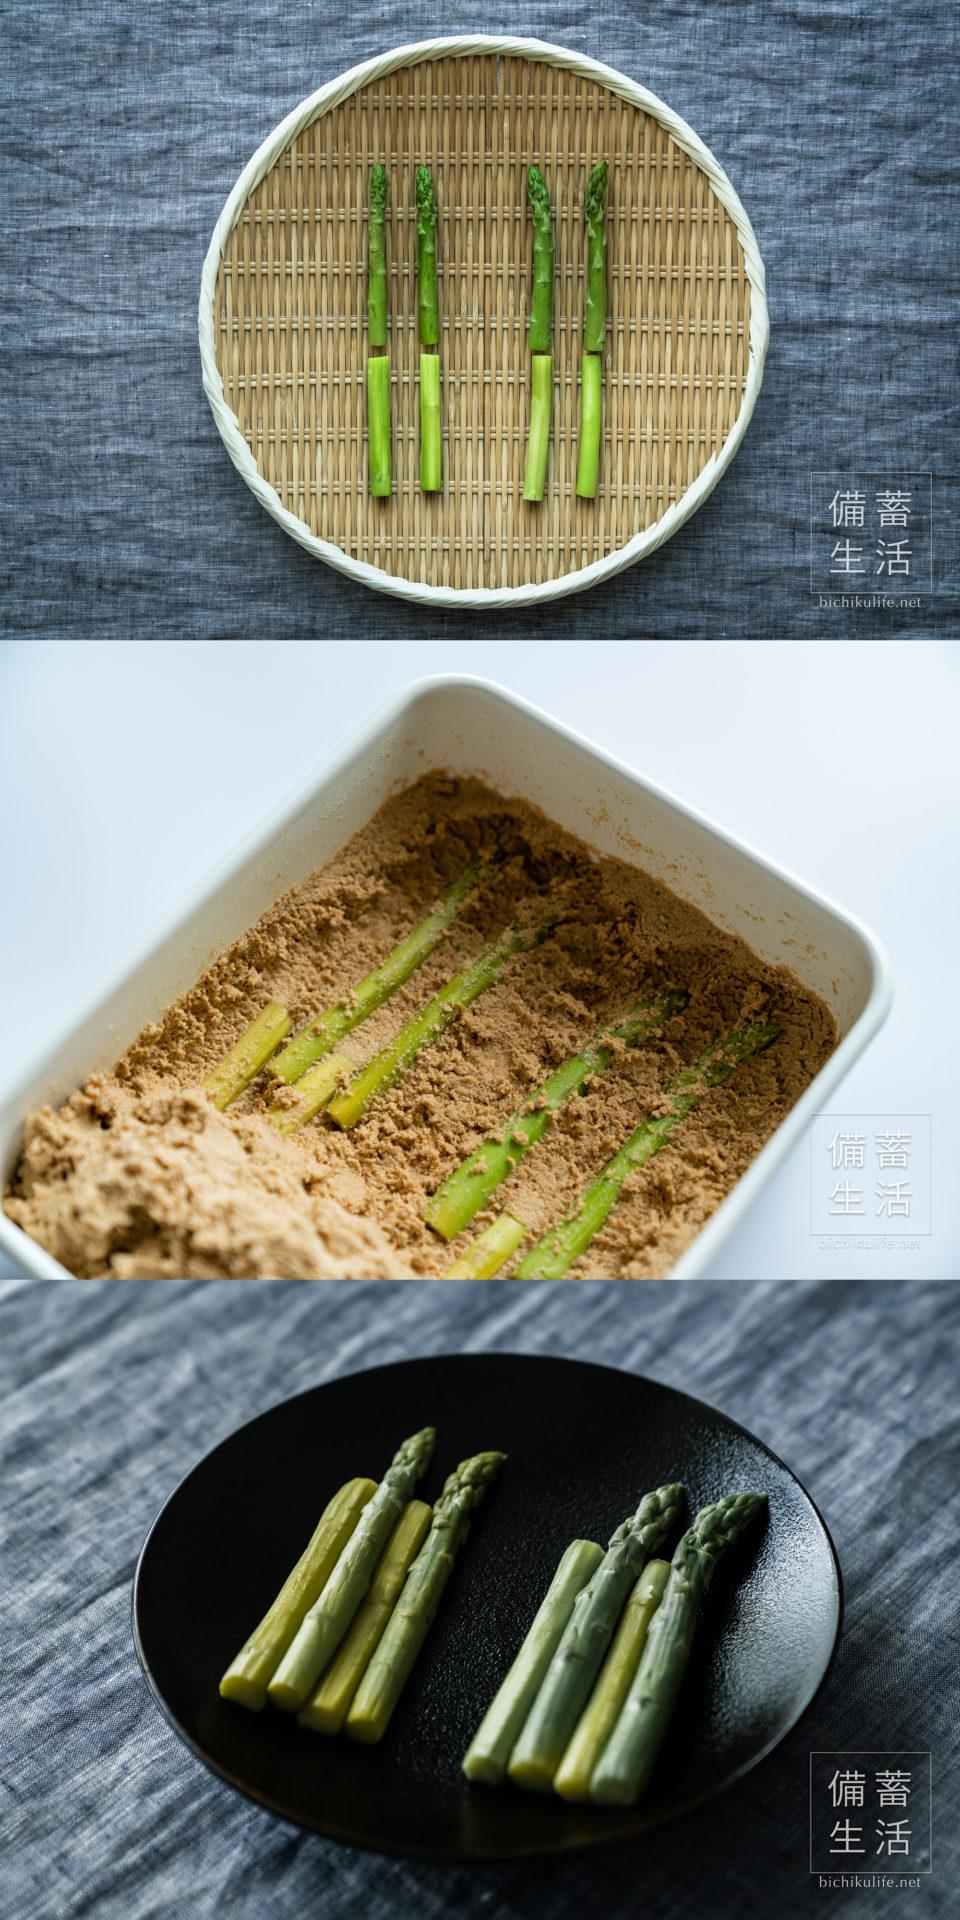 アスパラガスのぬか漬けの作り方